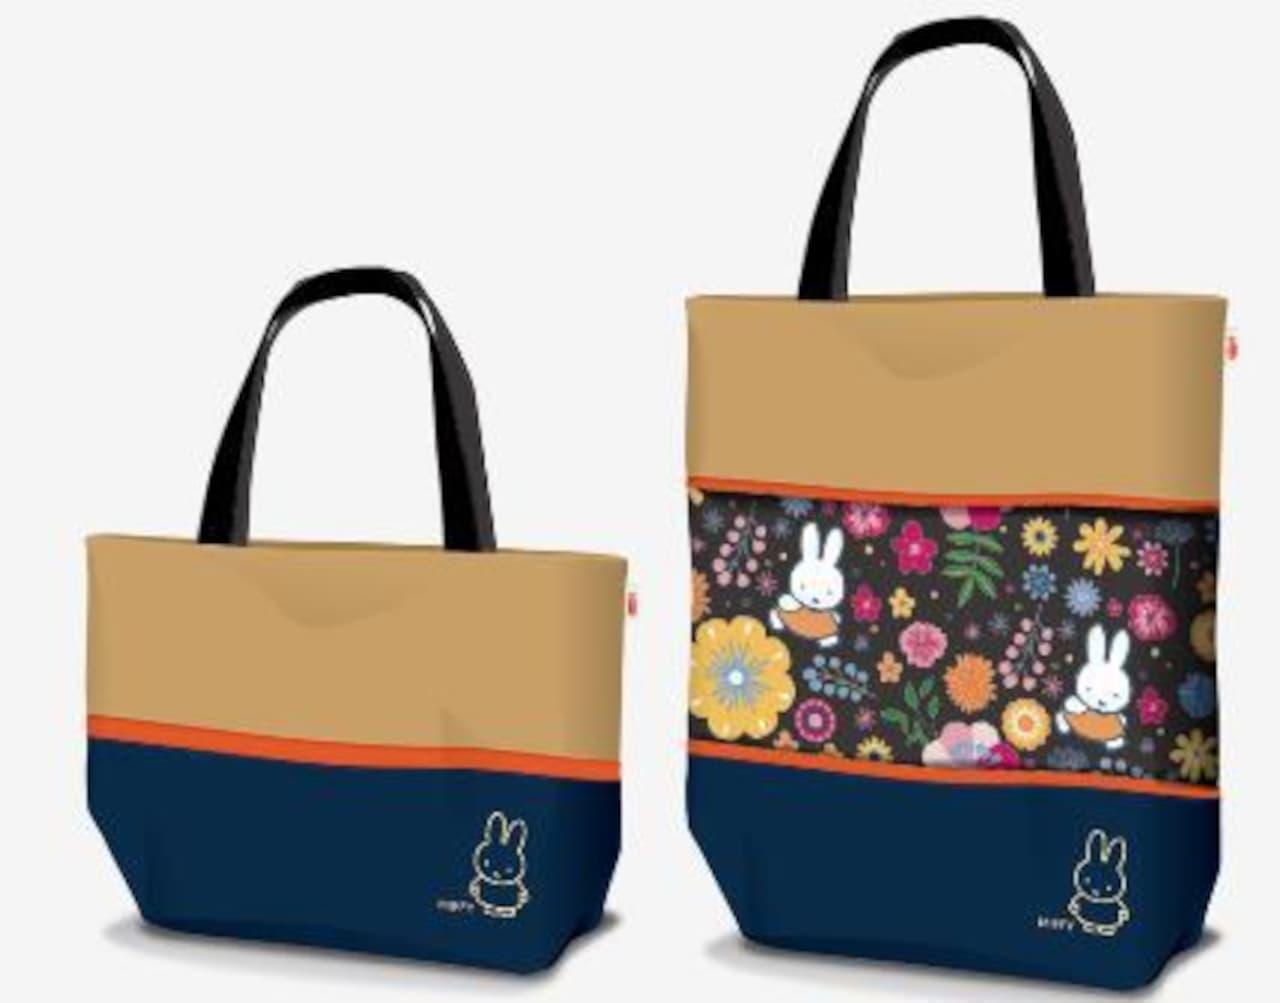 エースコックから「ミッフィー」のオリジナルバッグ